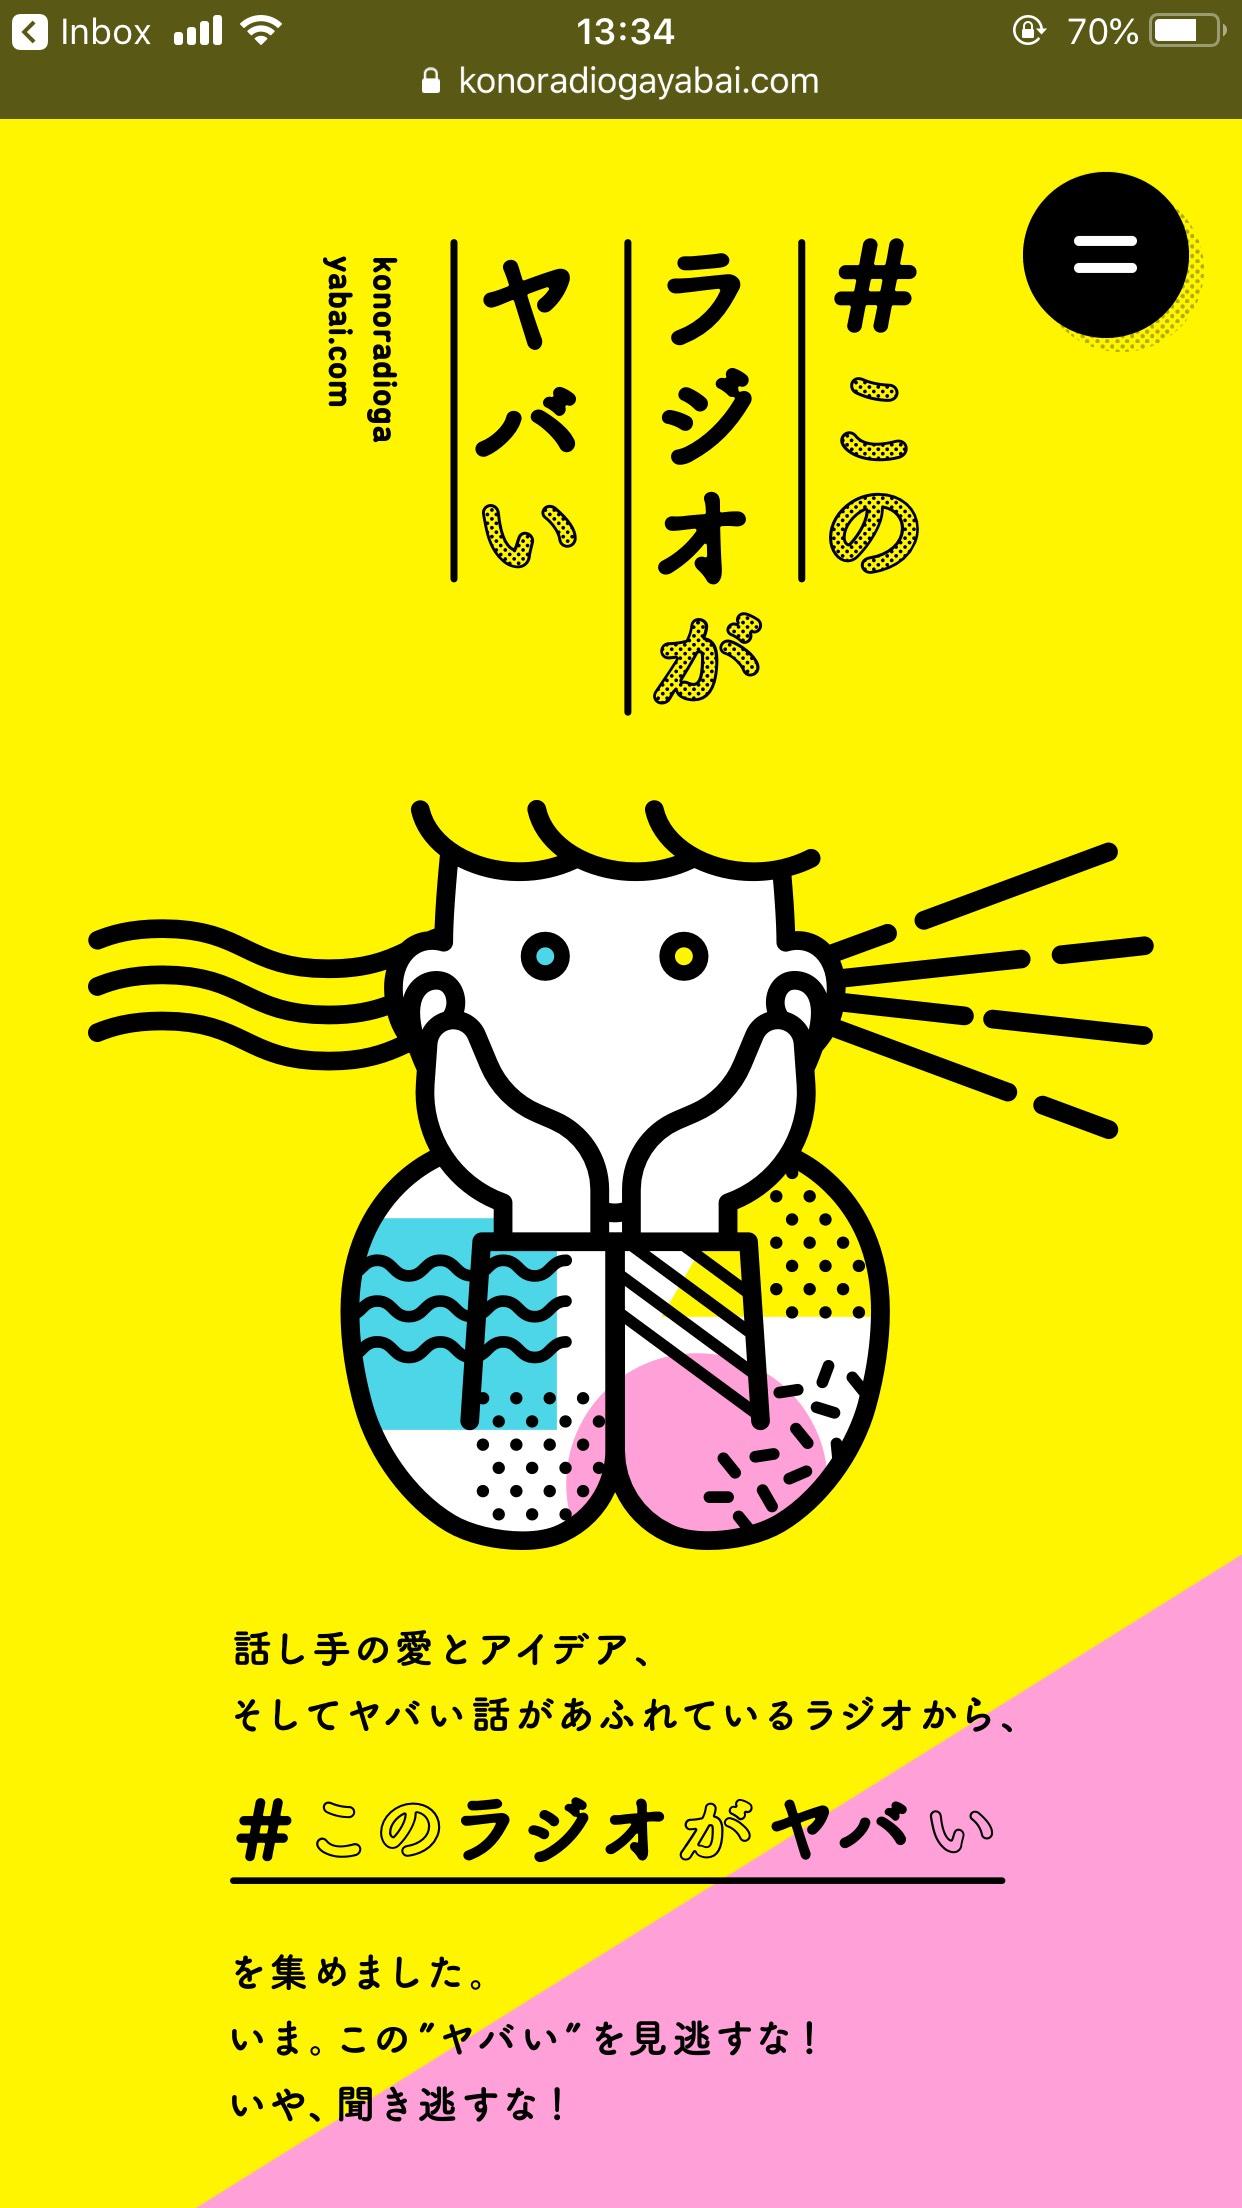 #このラジオがヤバい | NHK・民放連共同ラジオキャンペーン